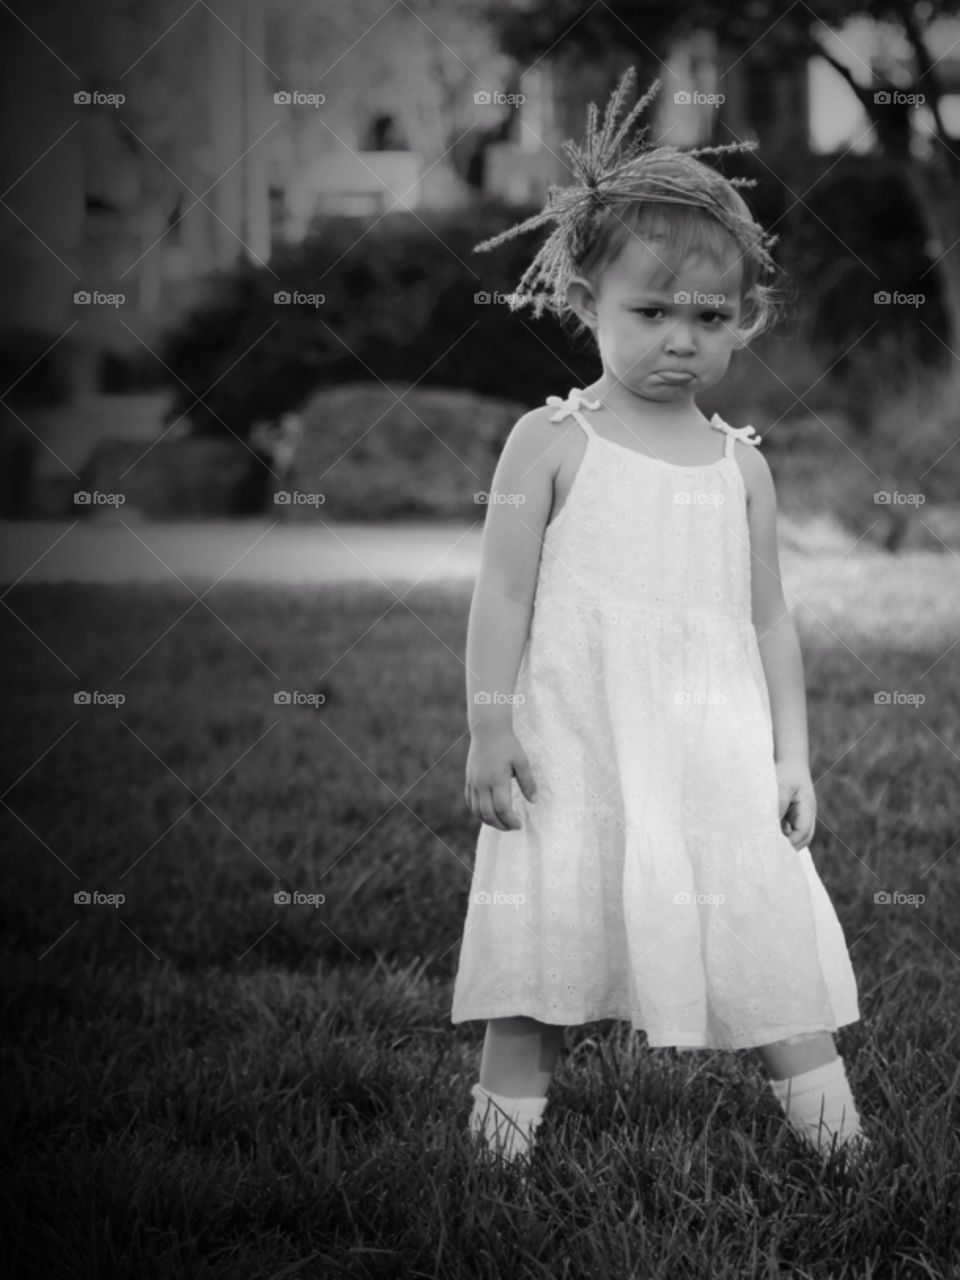 Pout princess